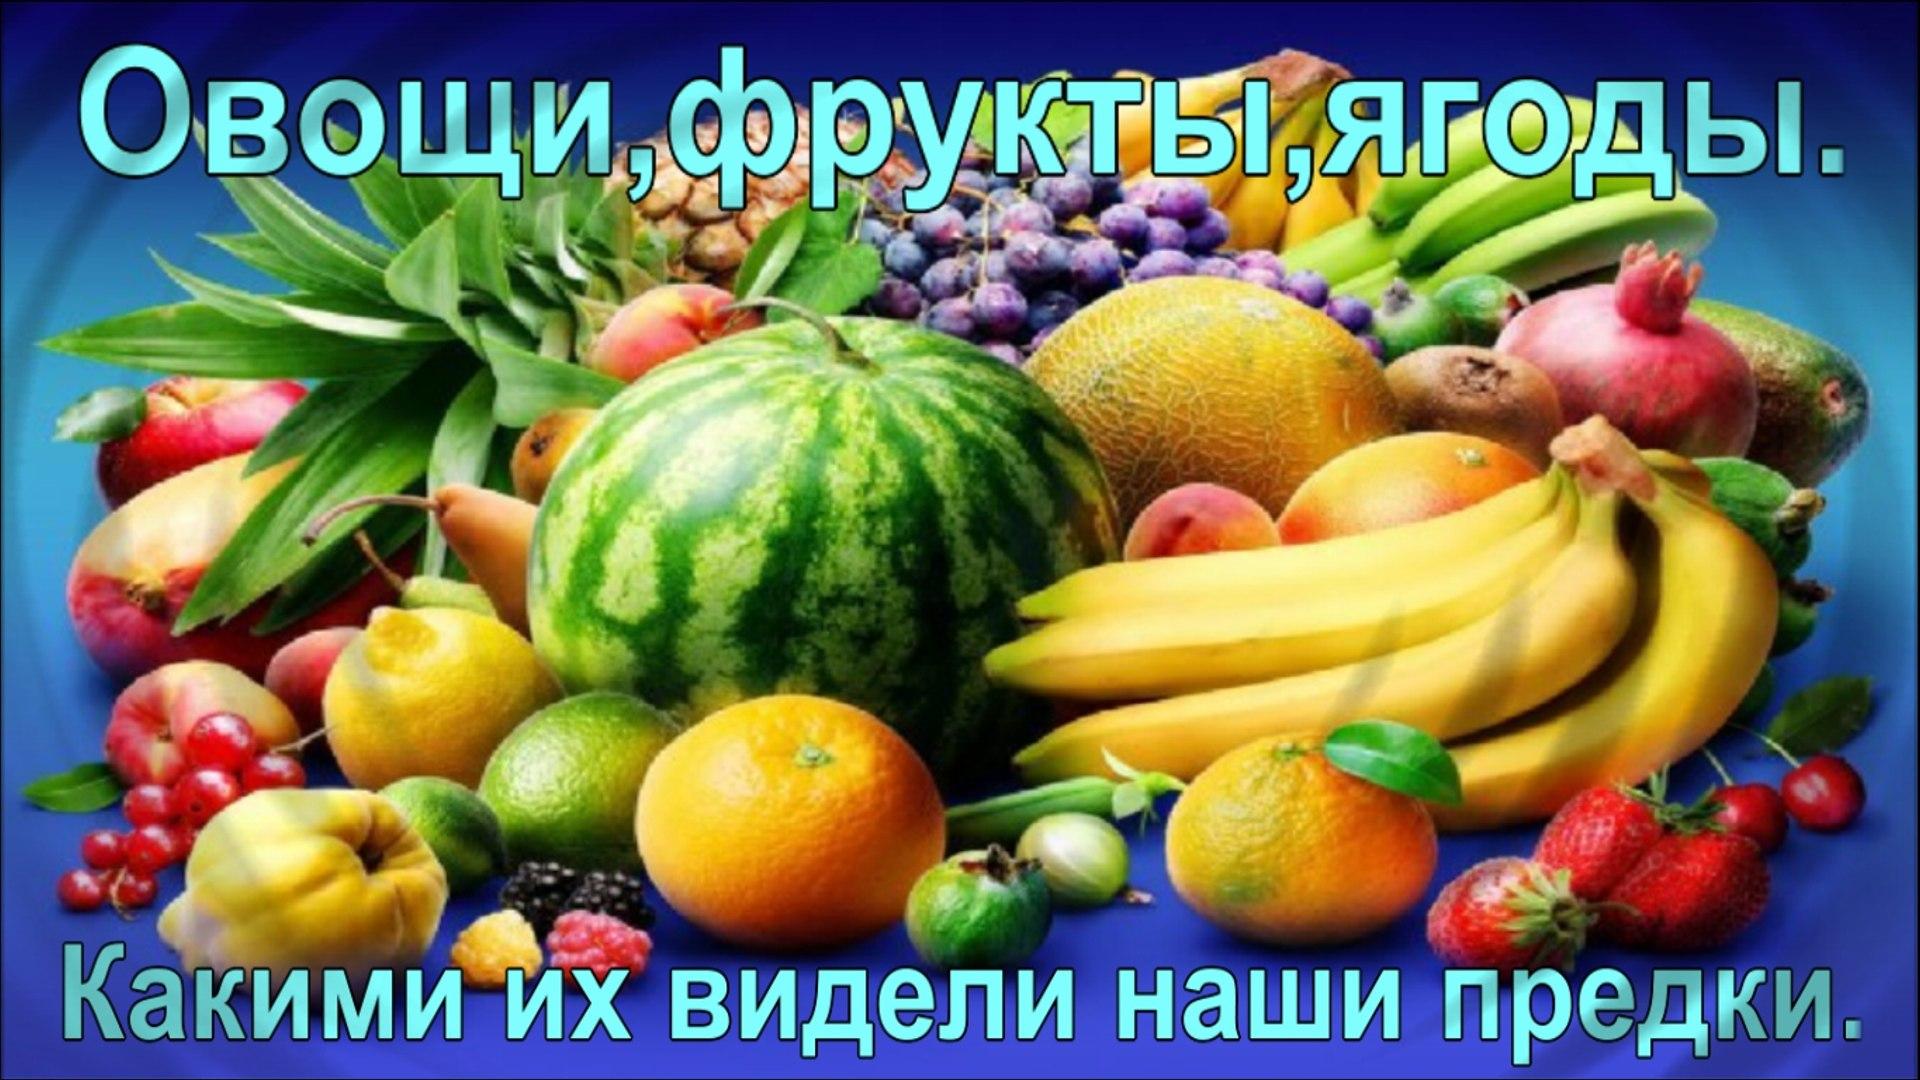 Овощи,фрукты,ягоды.Какими их видели наши предки.